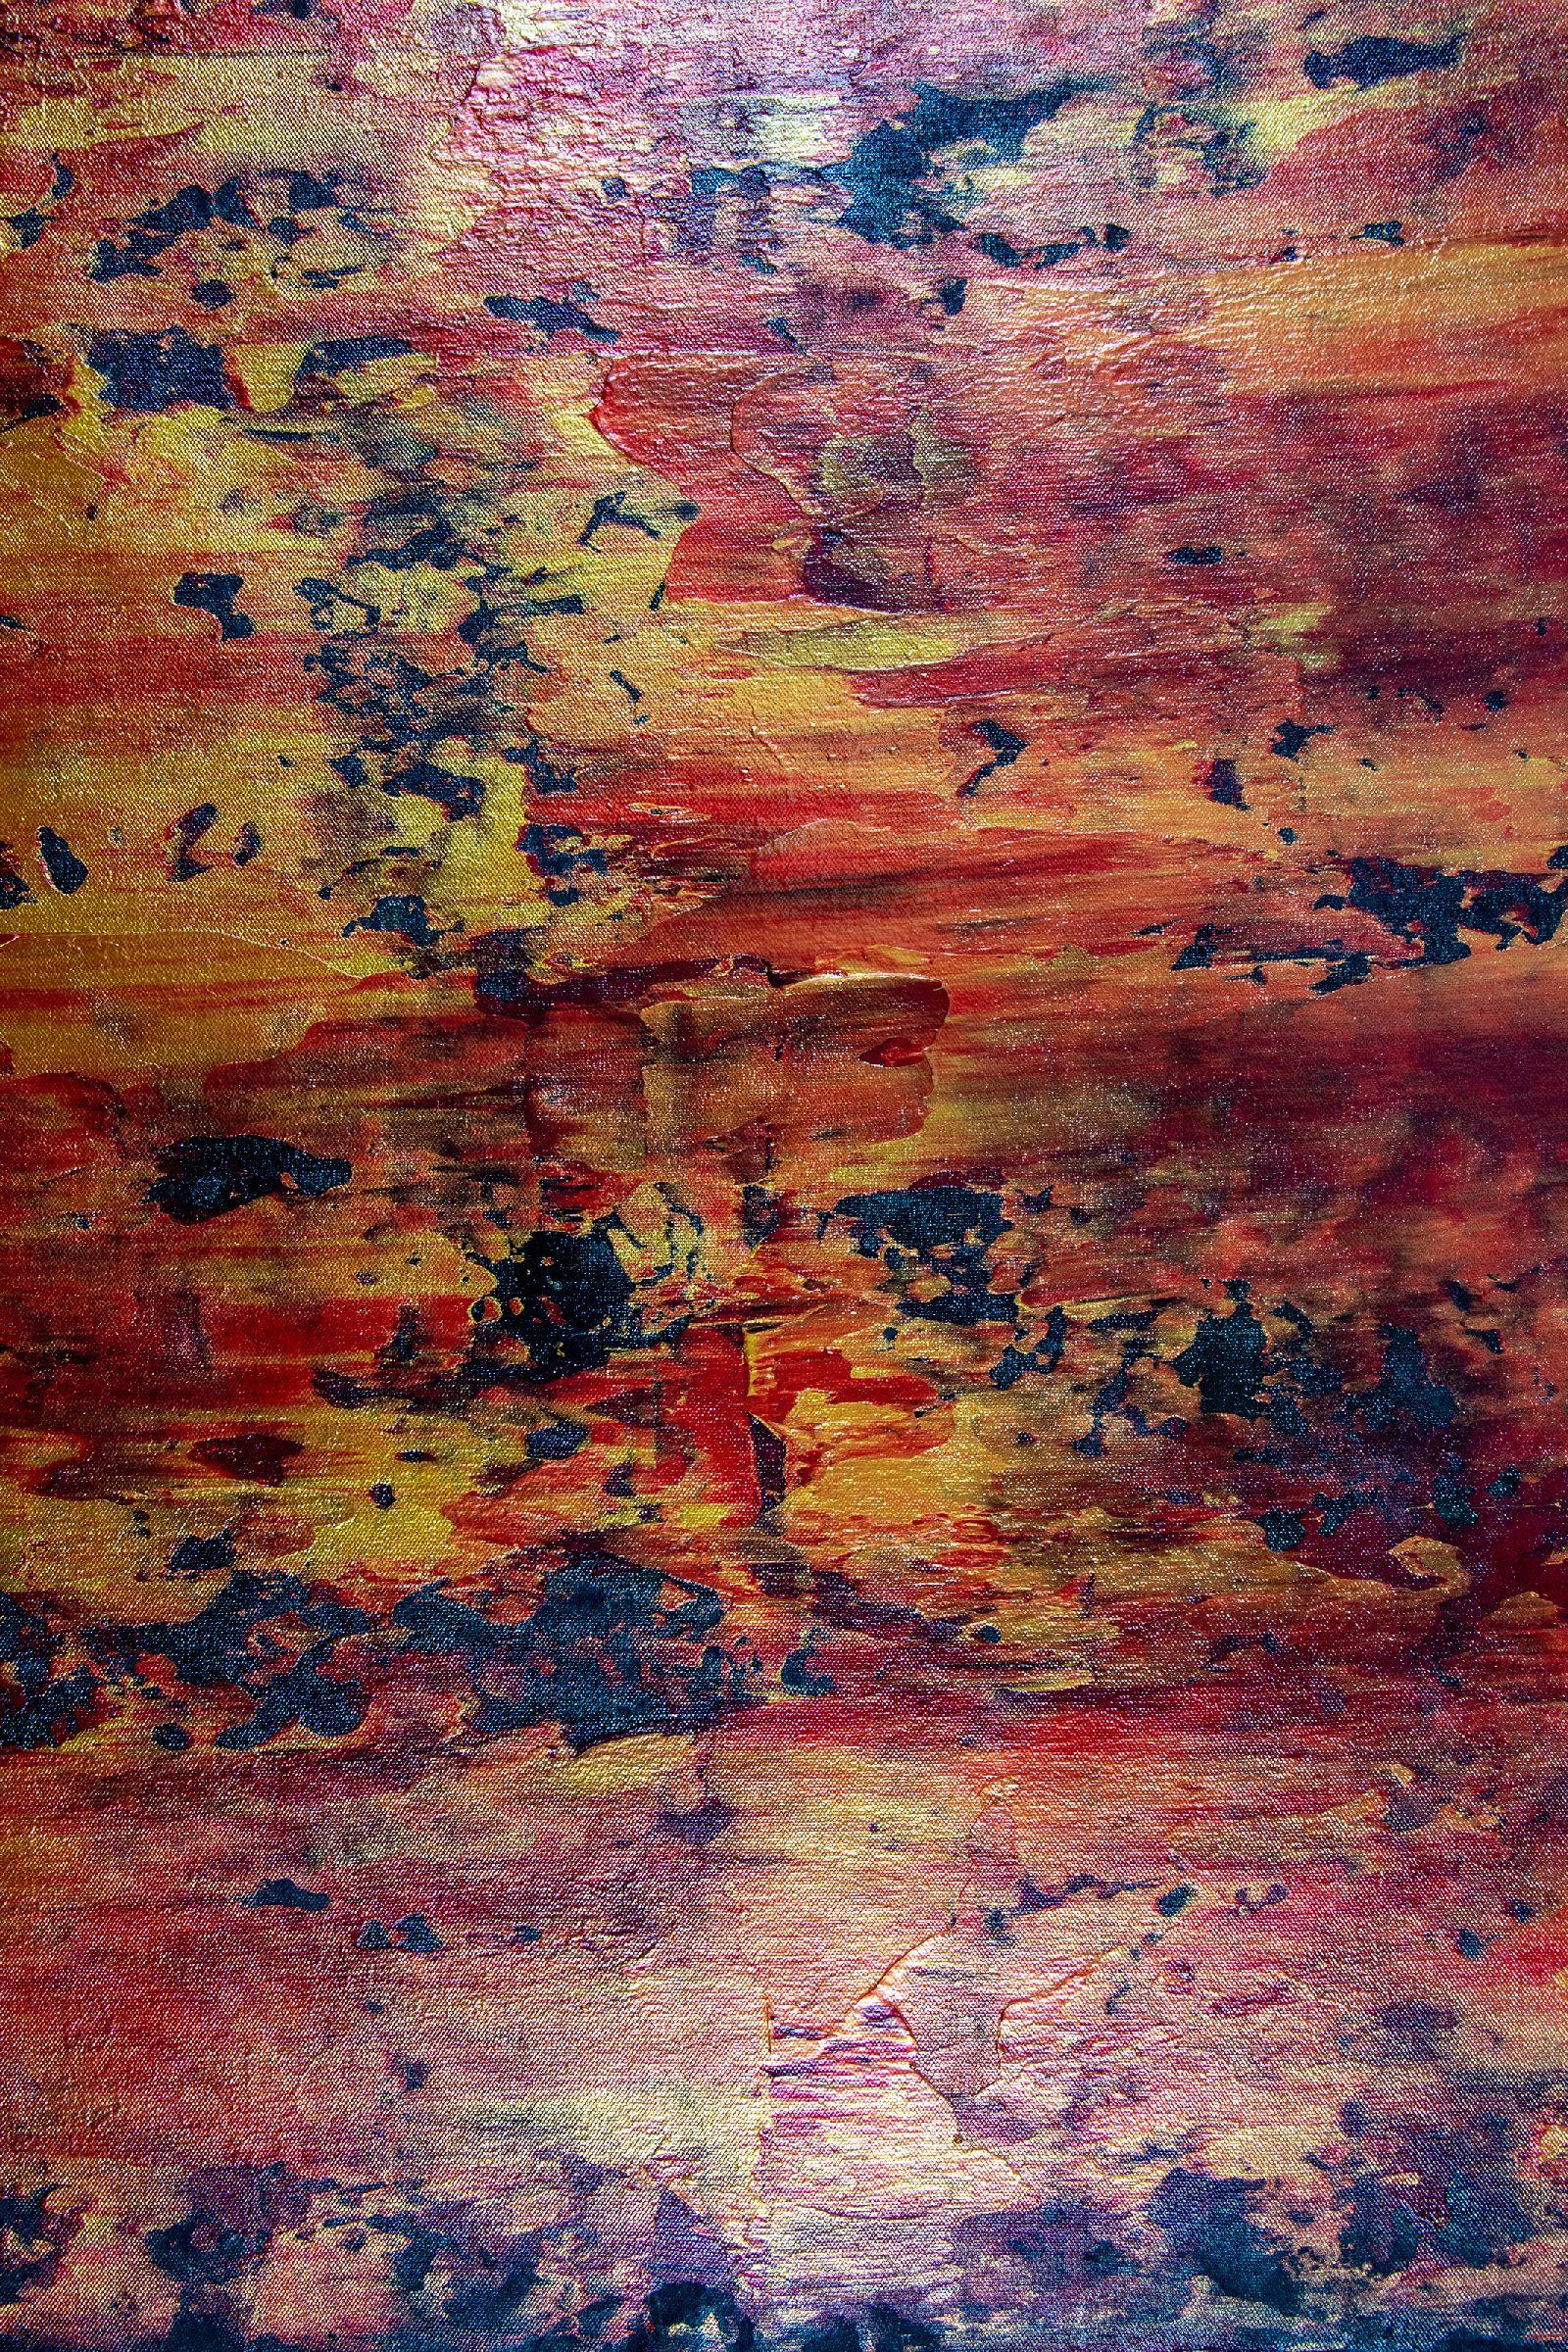 Fiery dimensions 3 (2020) by Nestor Toro